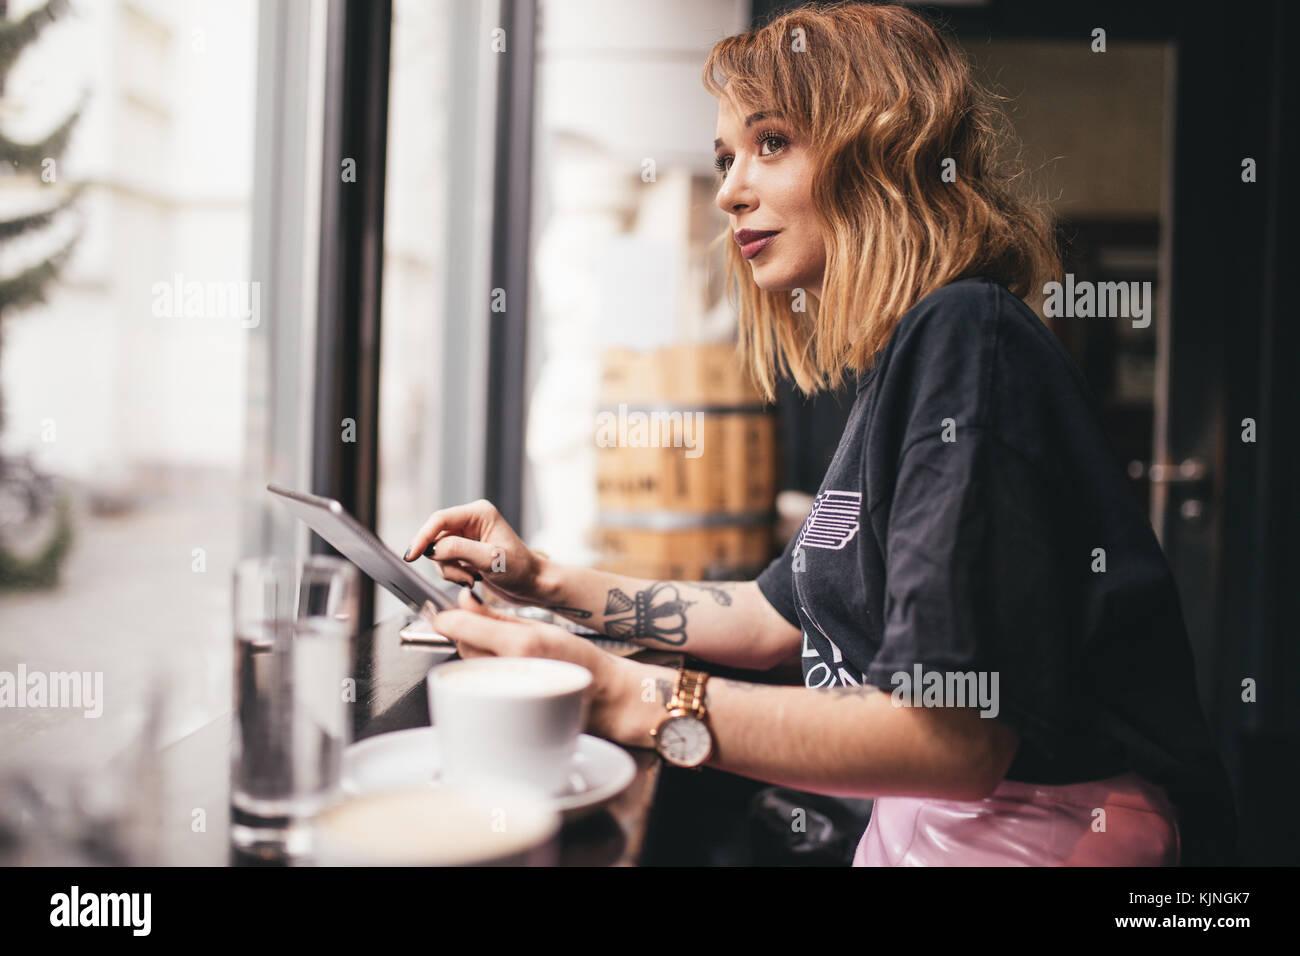 Hübsches Mädchen lächelnd und Suchen aus einer Bar Fenster Stockbild